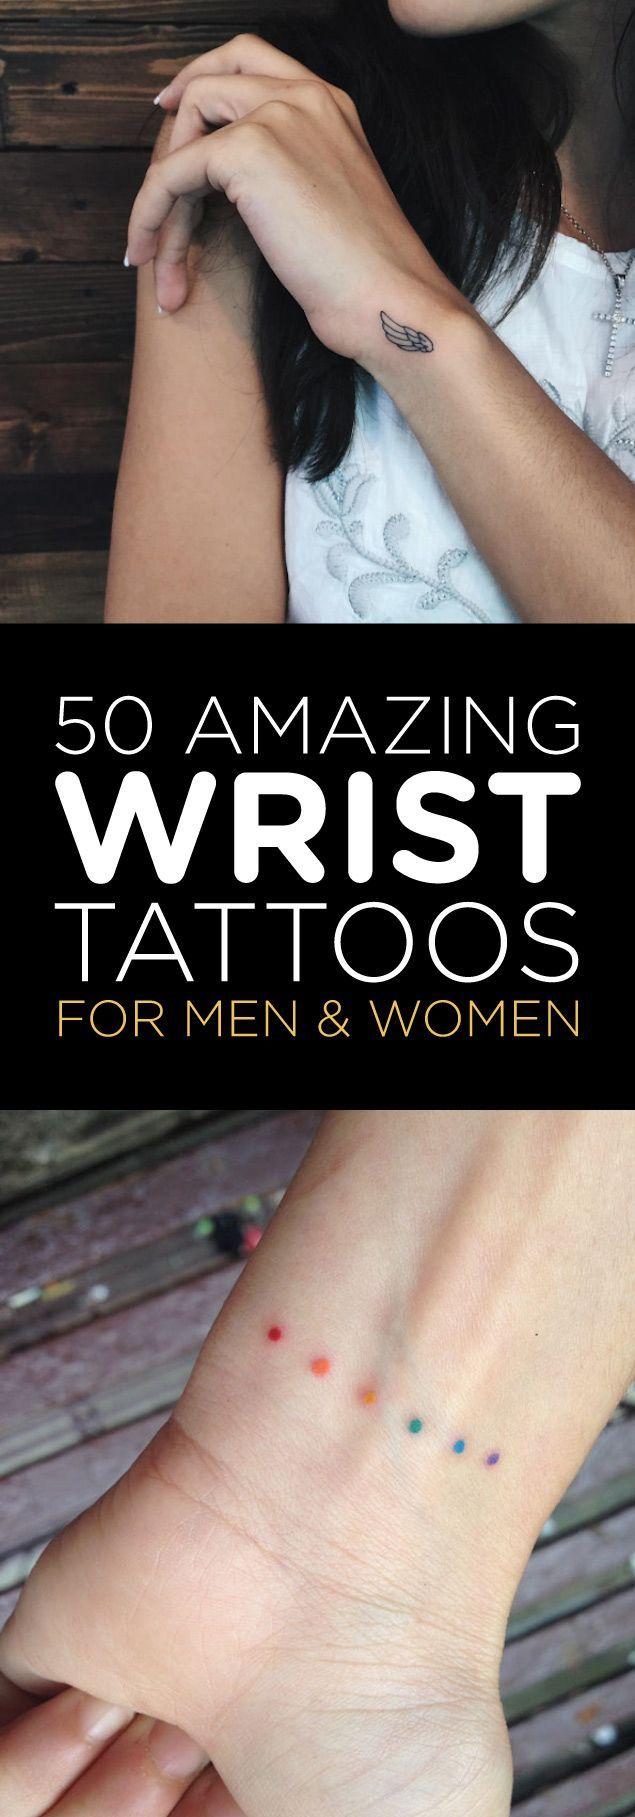 50 Amazing Wrist Tattoo Designs | TattooBlend